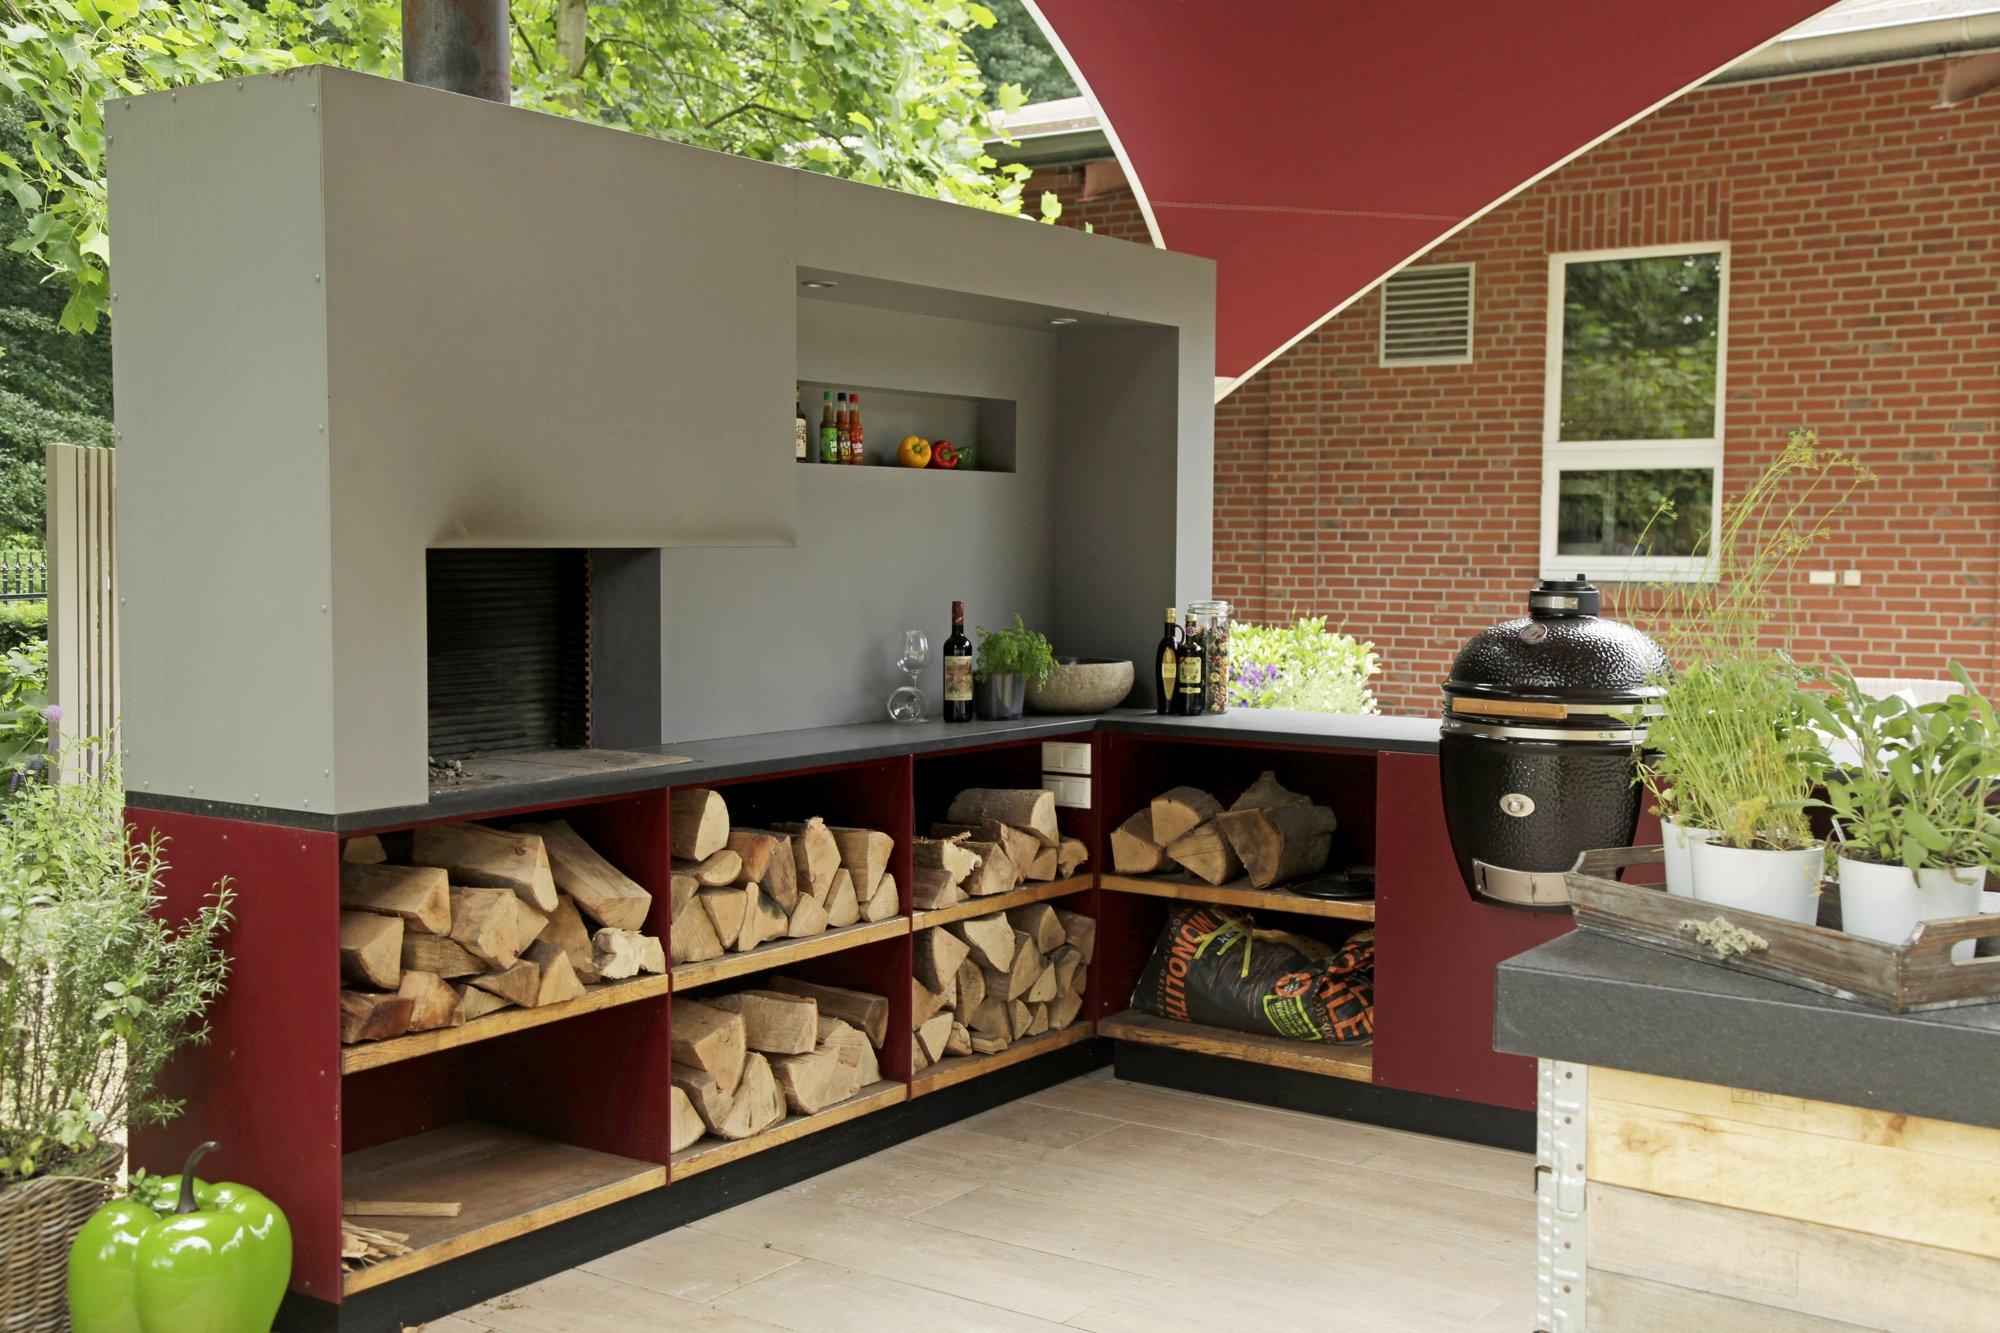 Outdoorküche Zubehör Jobs : Outdoor cooking u203a lütkemeyer `gärtner von eden´